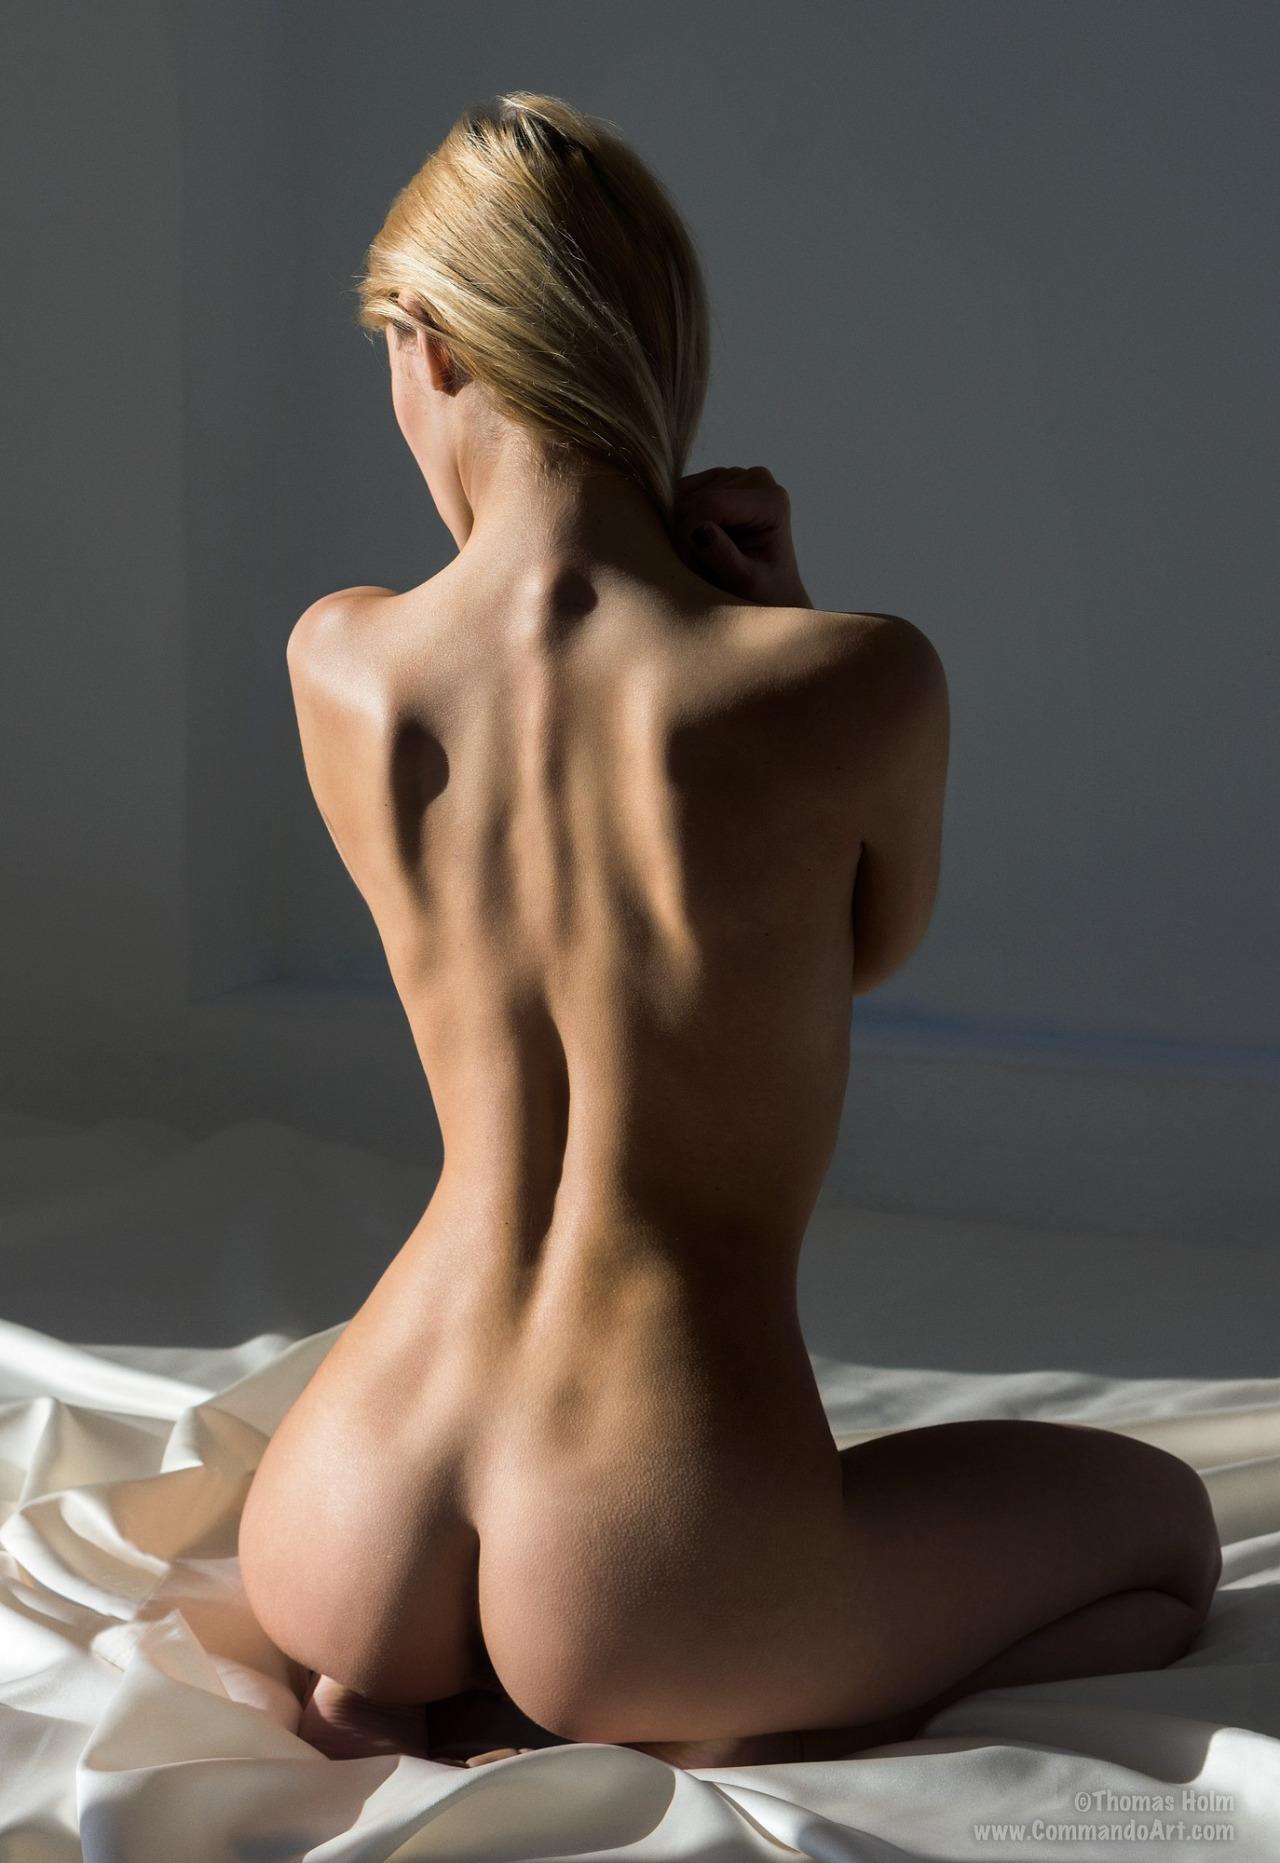 Голая женская фигура со спины фото, много блядей в россии